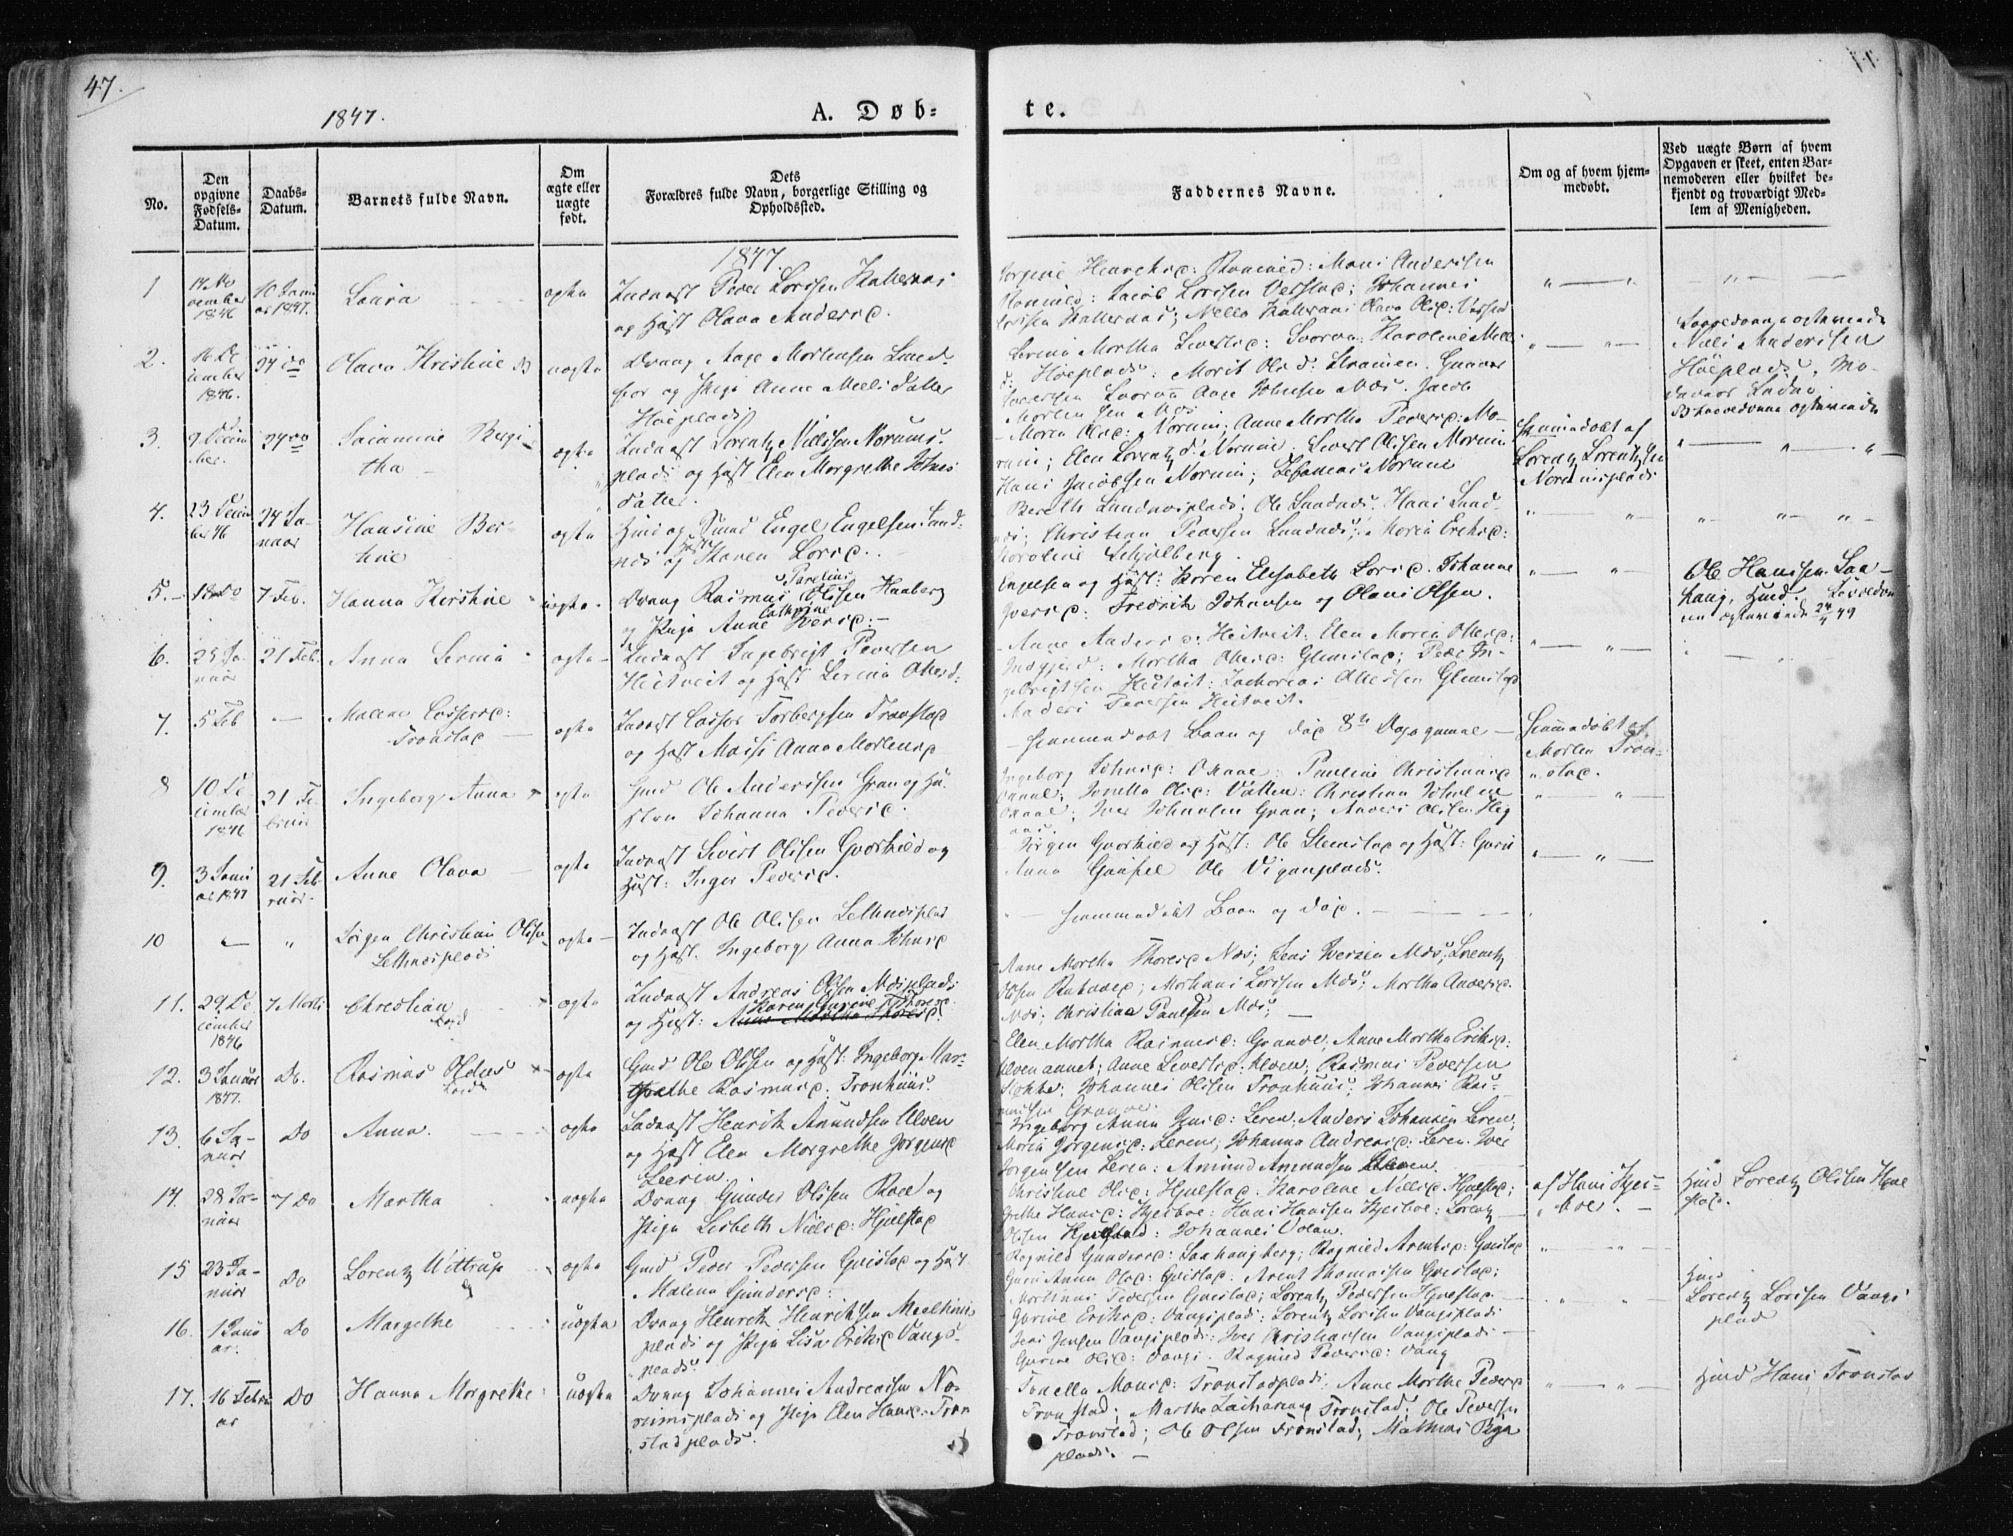 SAT, Ministerialprotokoller, klokkerbøker og fødselsregistre - Nord-Trøndelag, 730/L0280: Ministerialbok nr. 730A07 /1, 1840-1854, s. 47